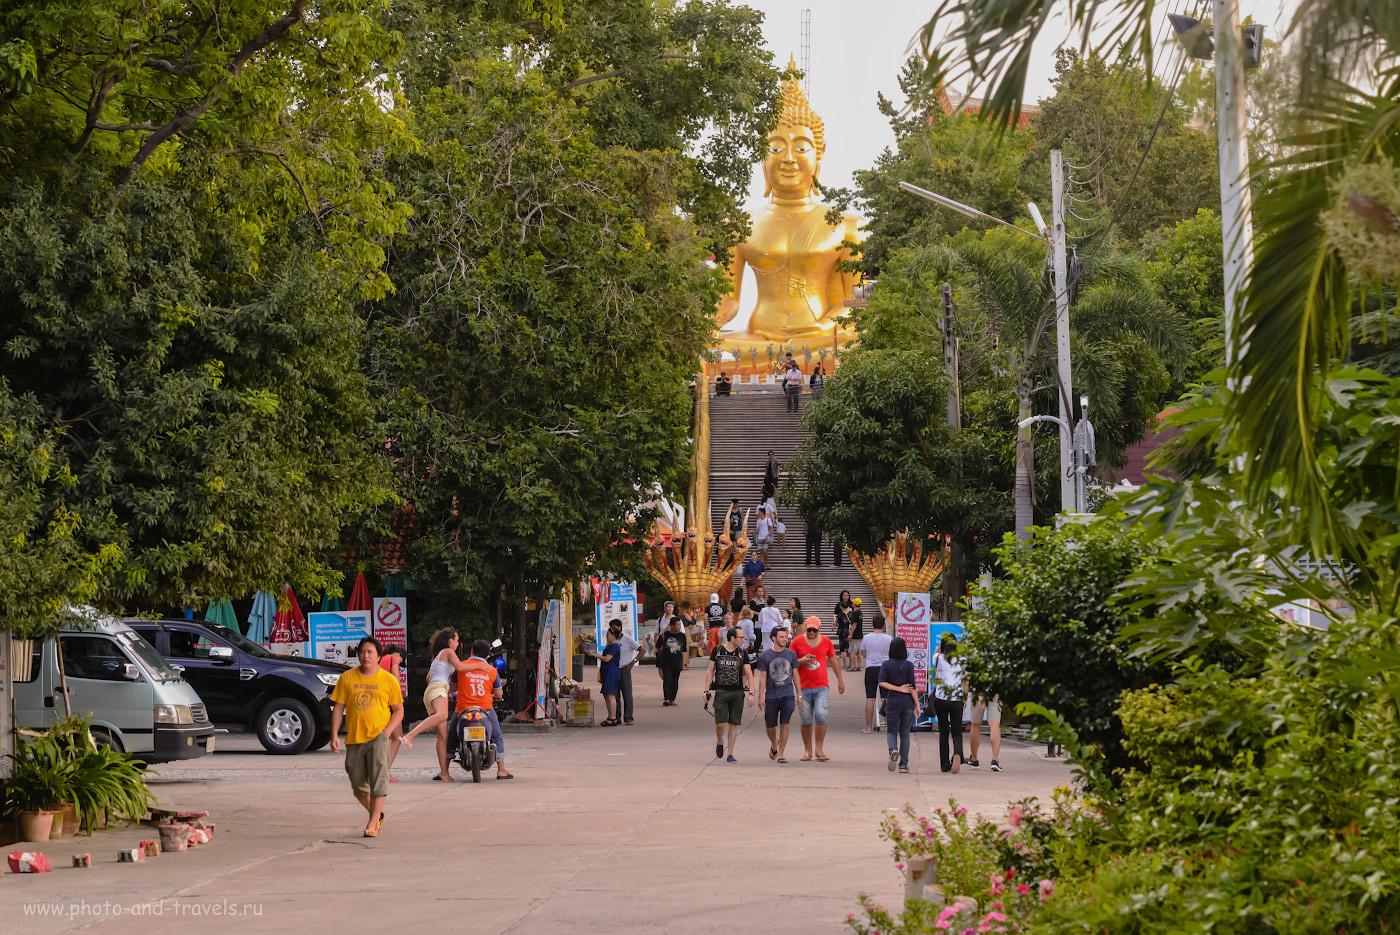 Фотография 14. Большой Будда (Big Buddha) на холме Пратамнак в Паттайе. Интересные и недорогие экскурсии. Советы отдыхающим в Таиланде. 1/250, +0.33, 8.0, 5600, 105.